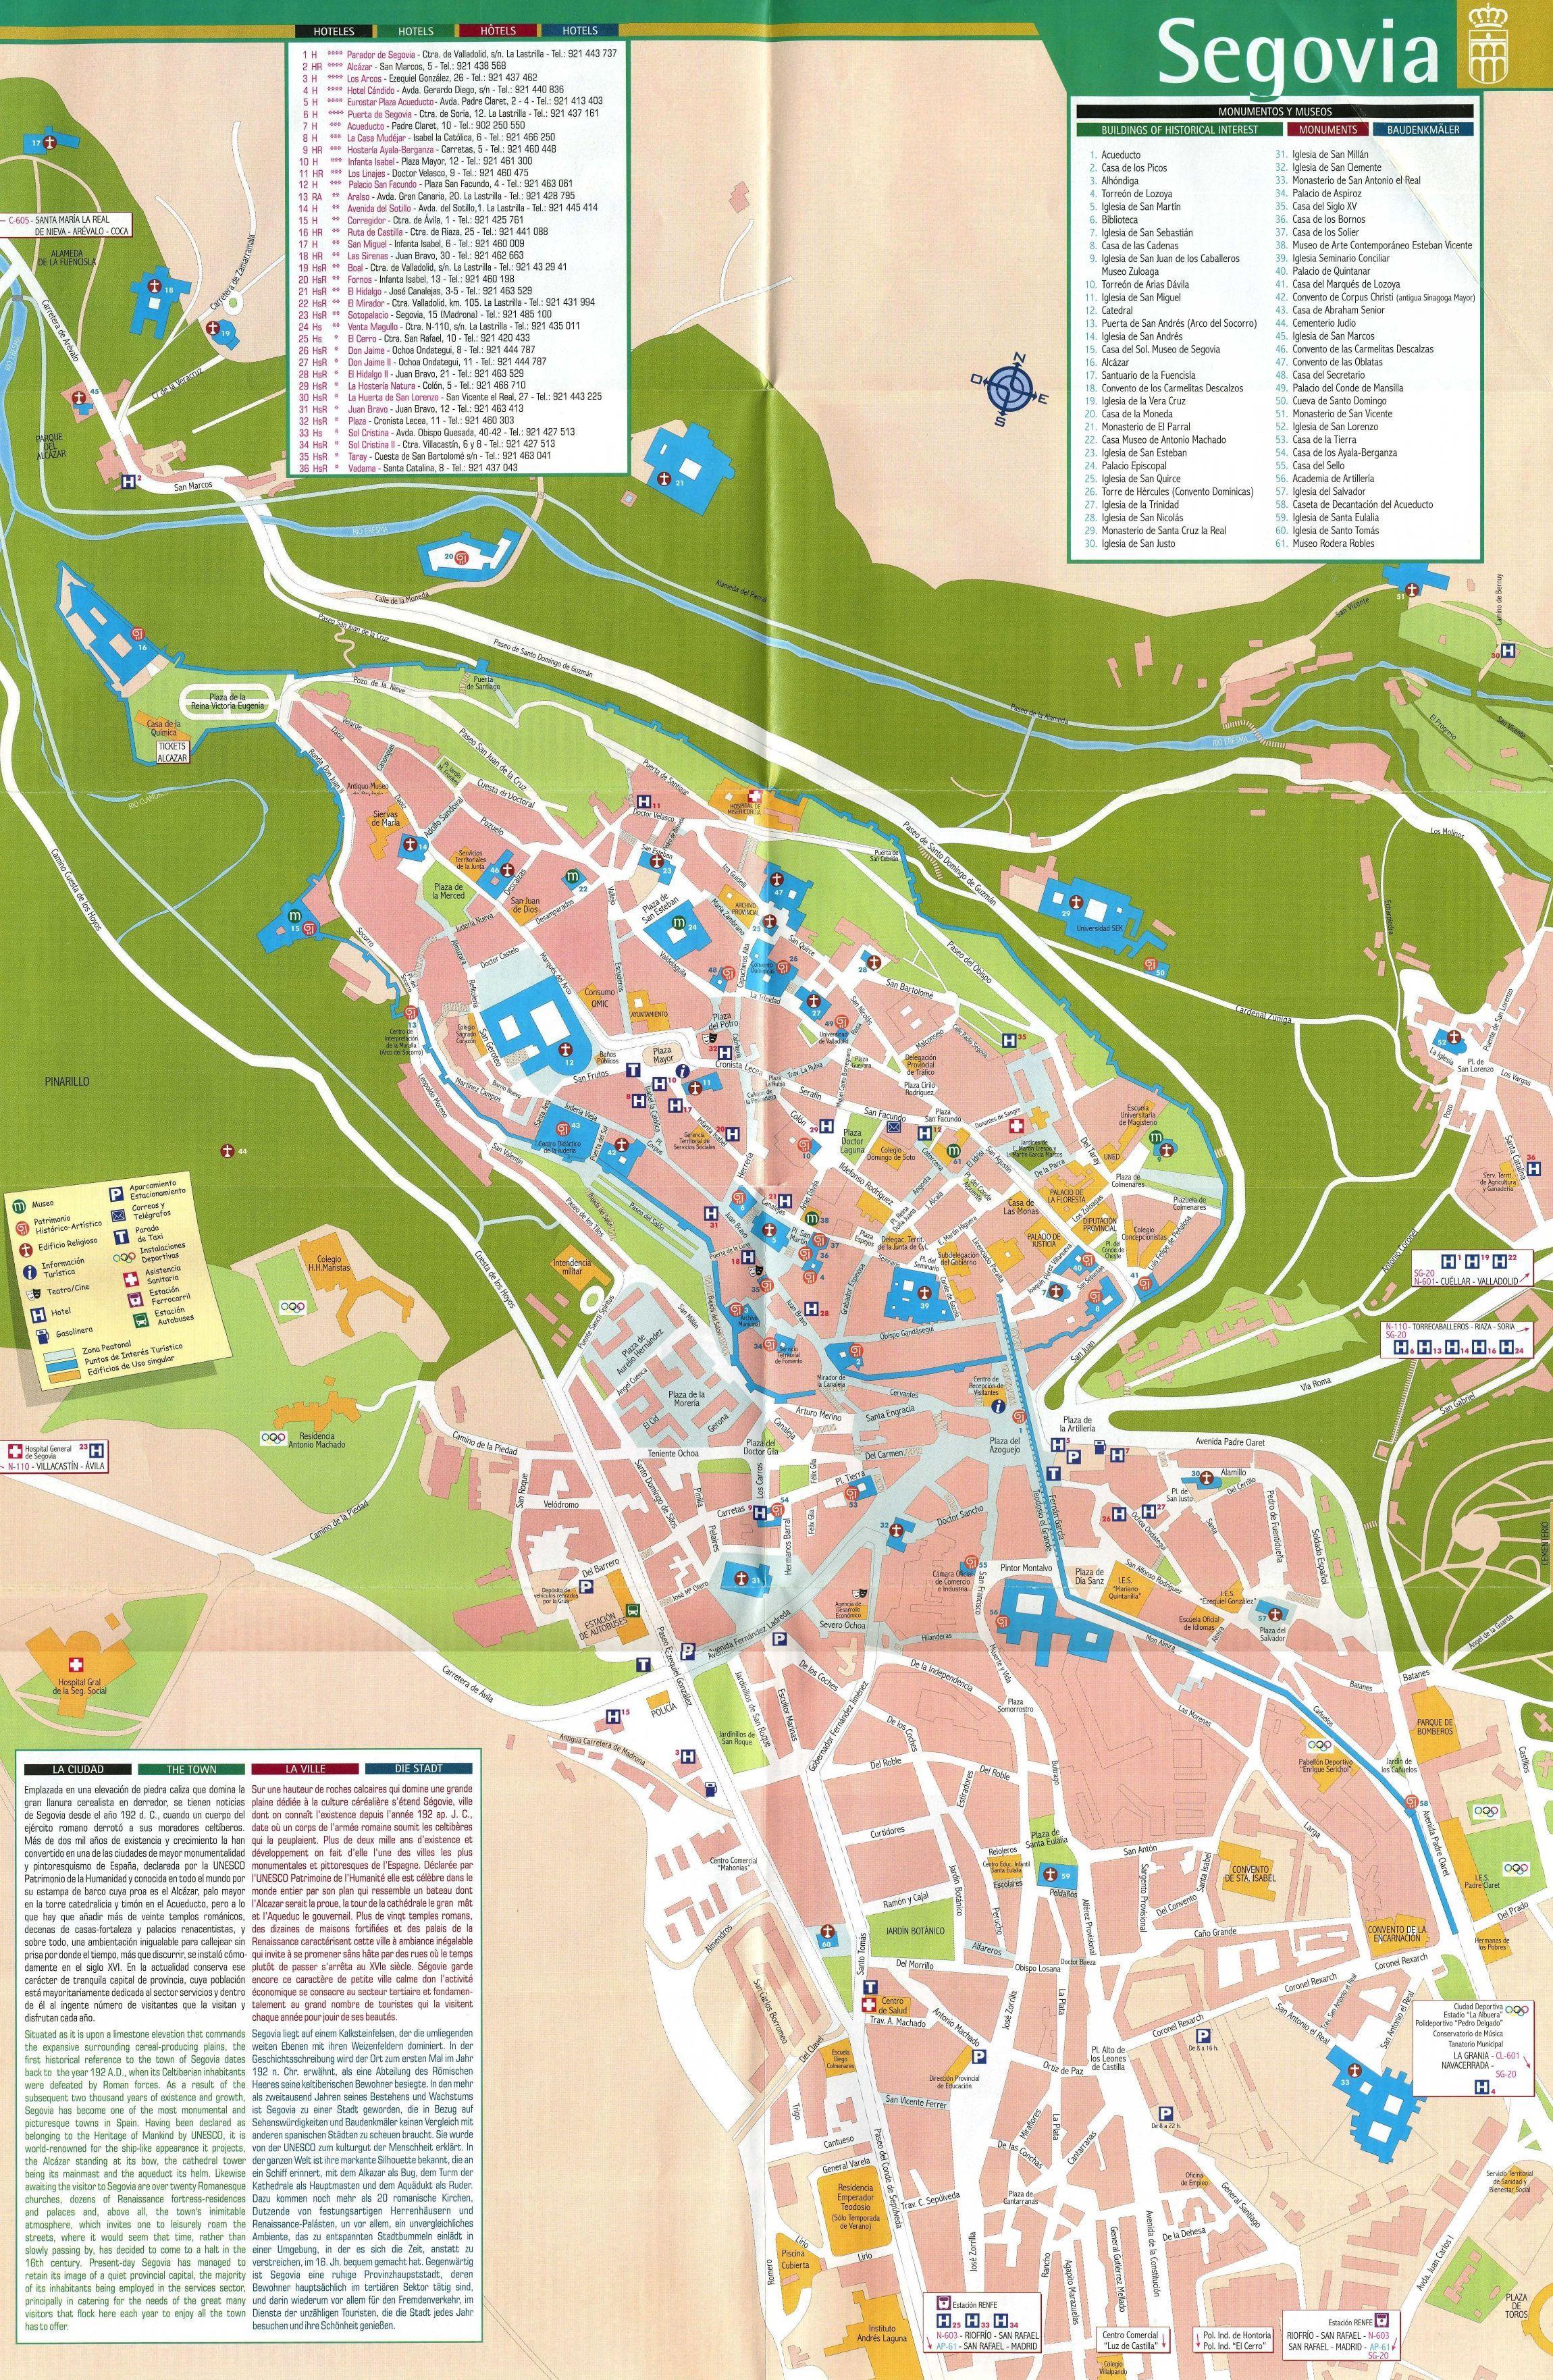 Mapa turístico de Segovia